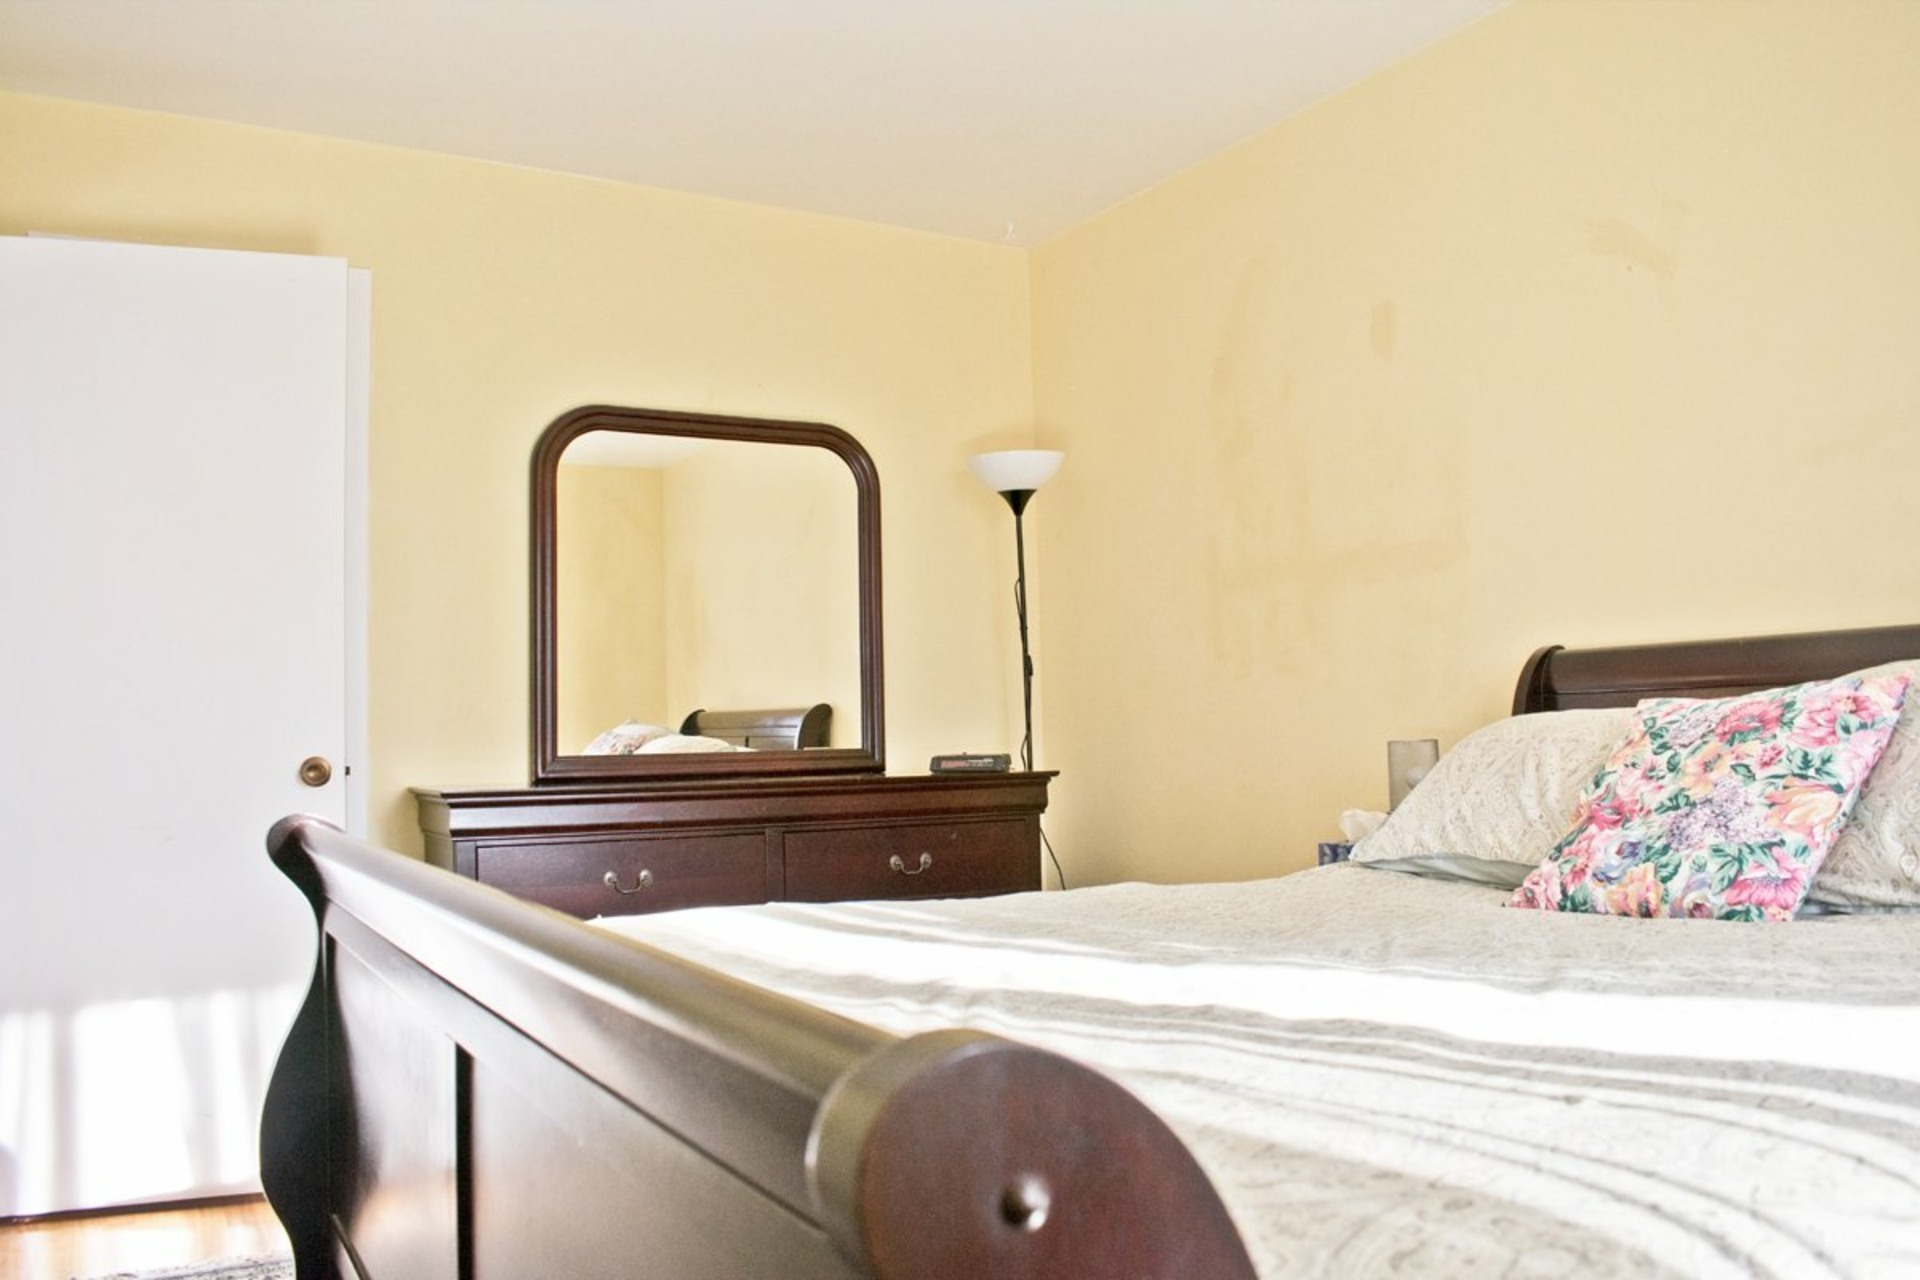 image 9 - Appartement À louer Côte-des-Neiges/Notre-Dame-de-Grâce Montréal  - 6 pièces